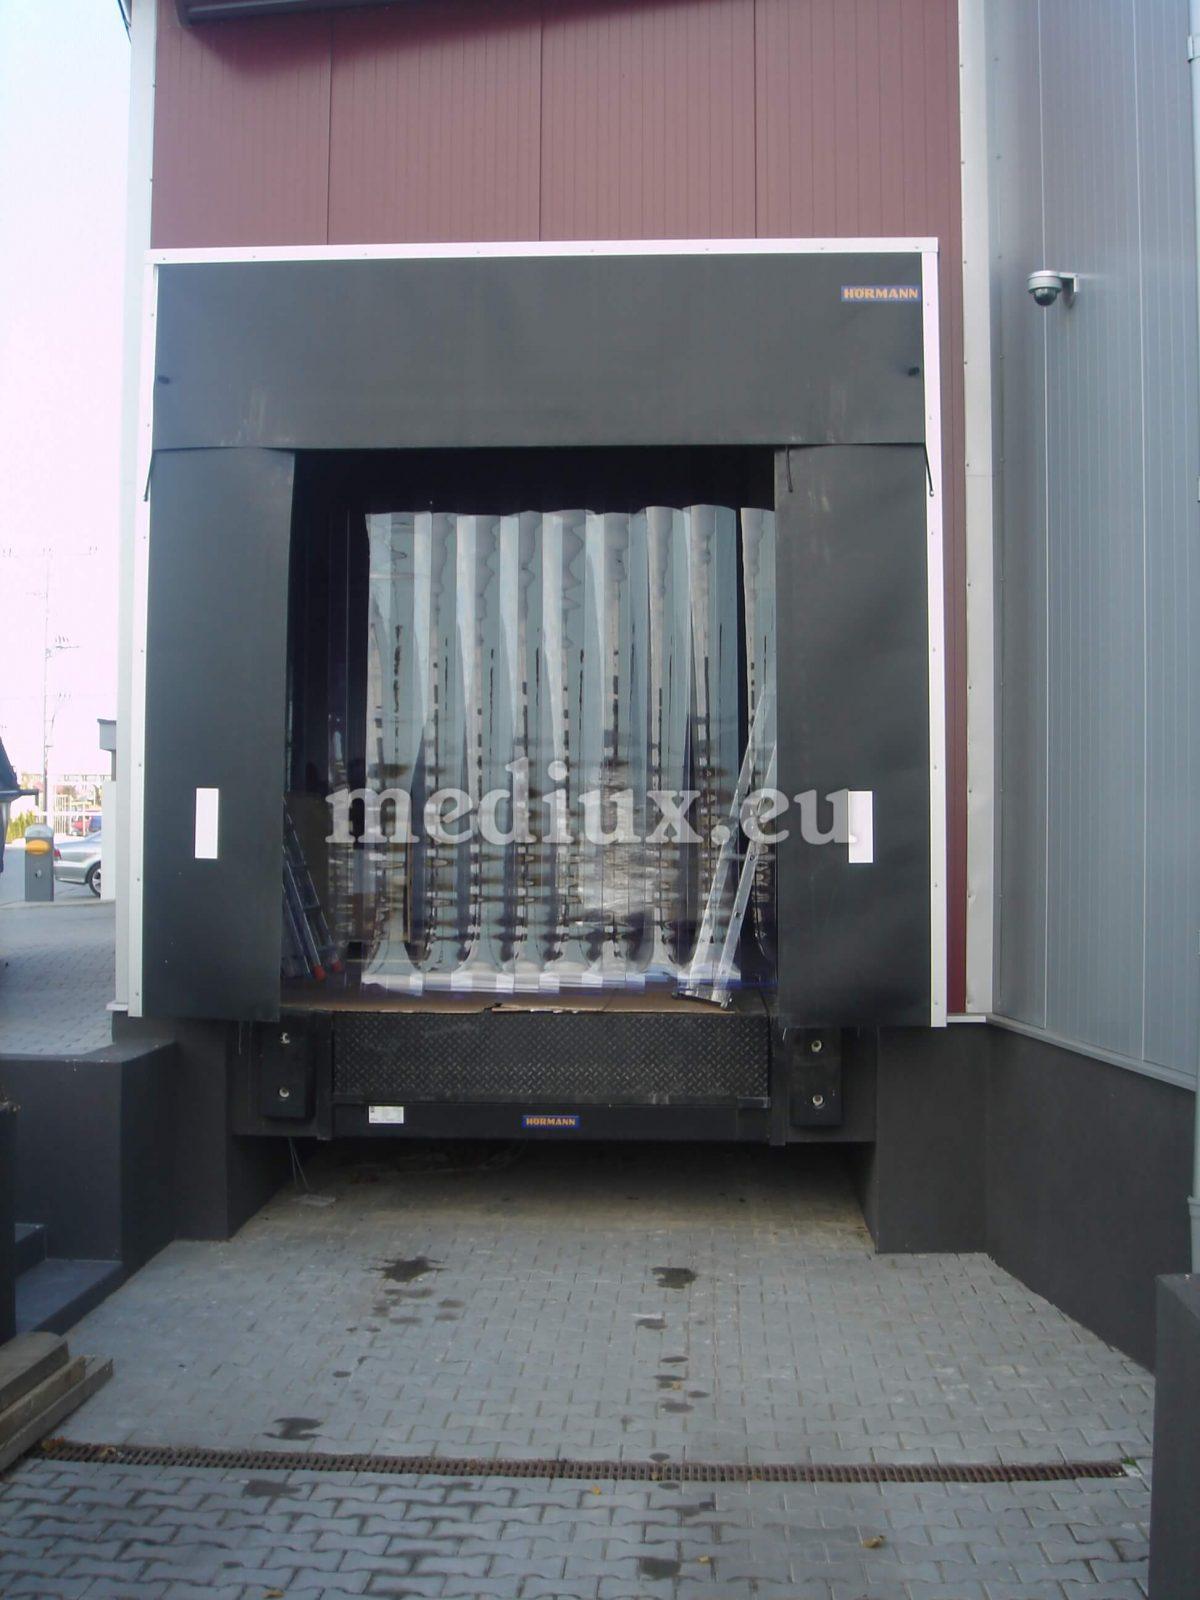 PVC-Streifenvorhang bestehend aus hellblauen transparenten PVC-Streifen mit den Maßen 300 x 3 mm